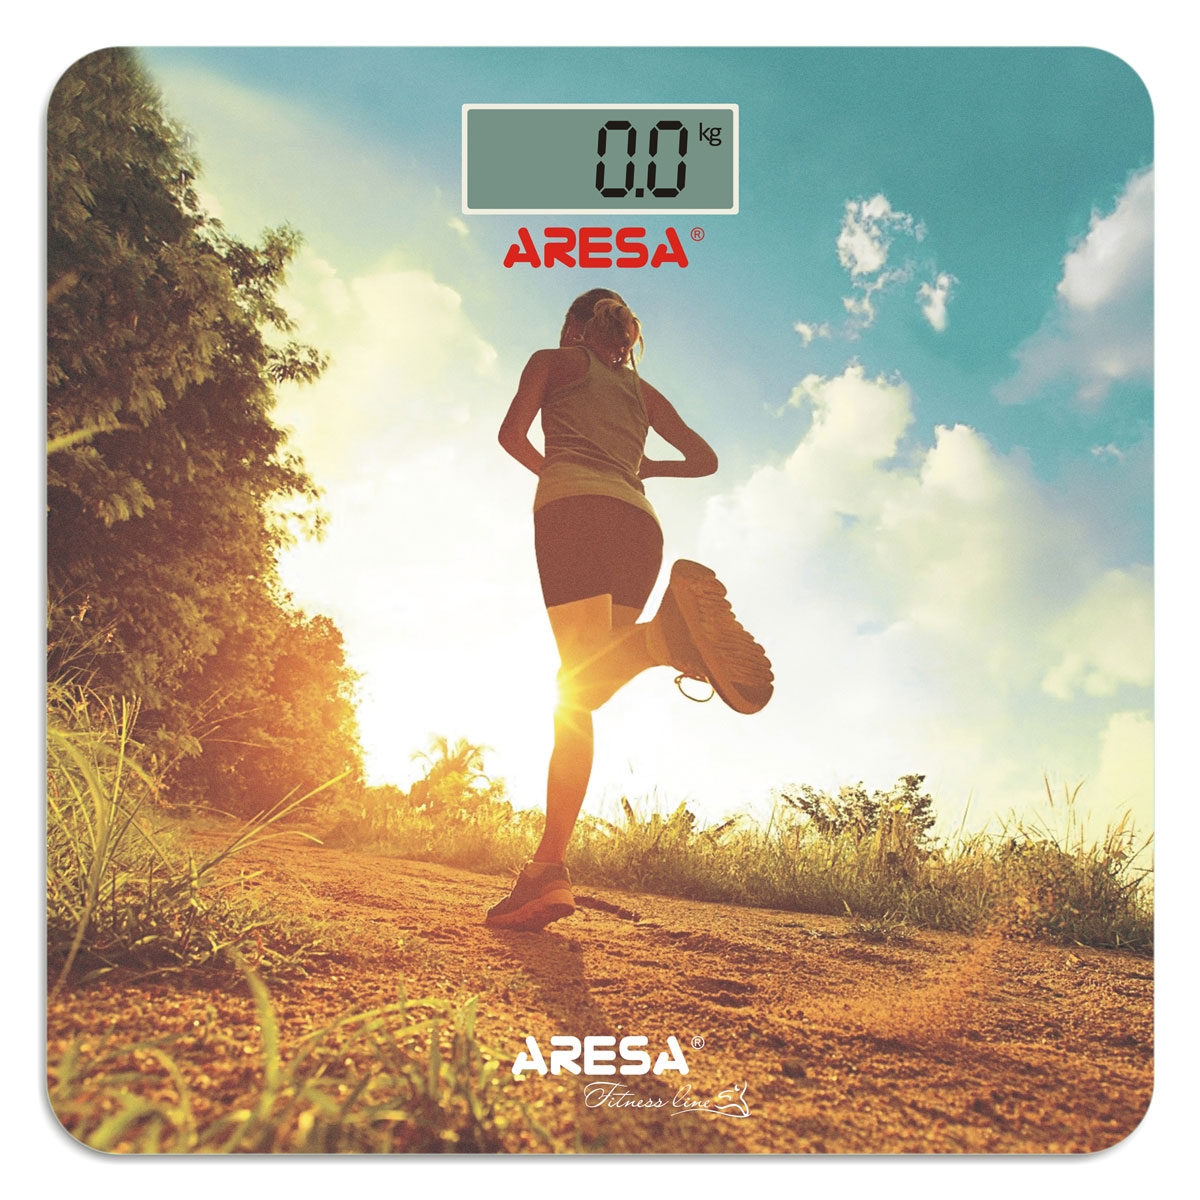 Aresa SB-310 напольные весыSB-310Напольные электронные весы Aresa SB-310 с электронной системой взвешивания на четырех тензоэлектрических датчиках - неотъемлемый атрибут здорового образа жизни. Они необходимы тем, кто следит за своим здоровьем, весом, ведет активный образ жизни, занимается спортом и фитнесом. Очень удобны для будущих мам, постоянно контролирующих прибавку в весе, также рекомендуются родителям, внимательно следящим за весом своих детей.Минимальная нагрузка: 2,5 кг